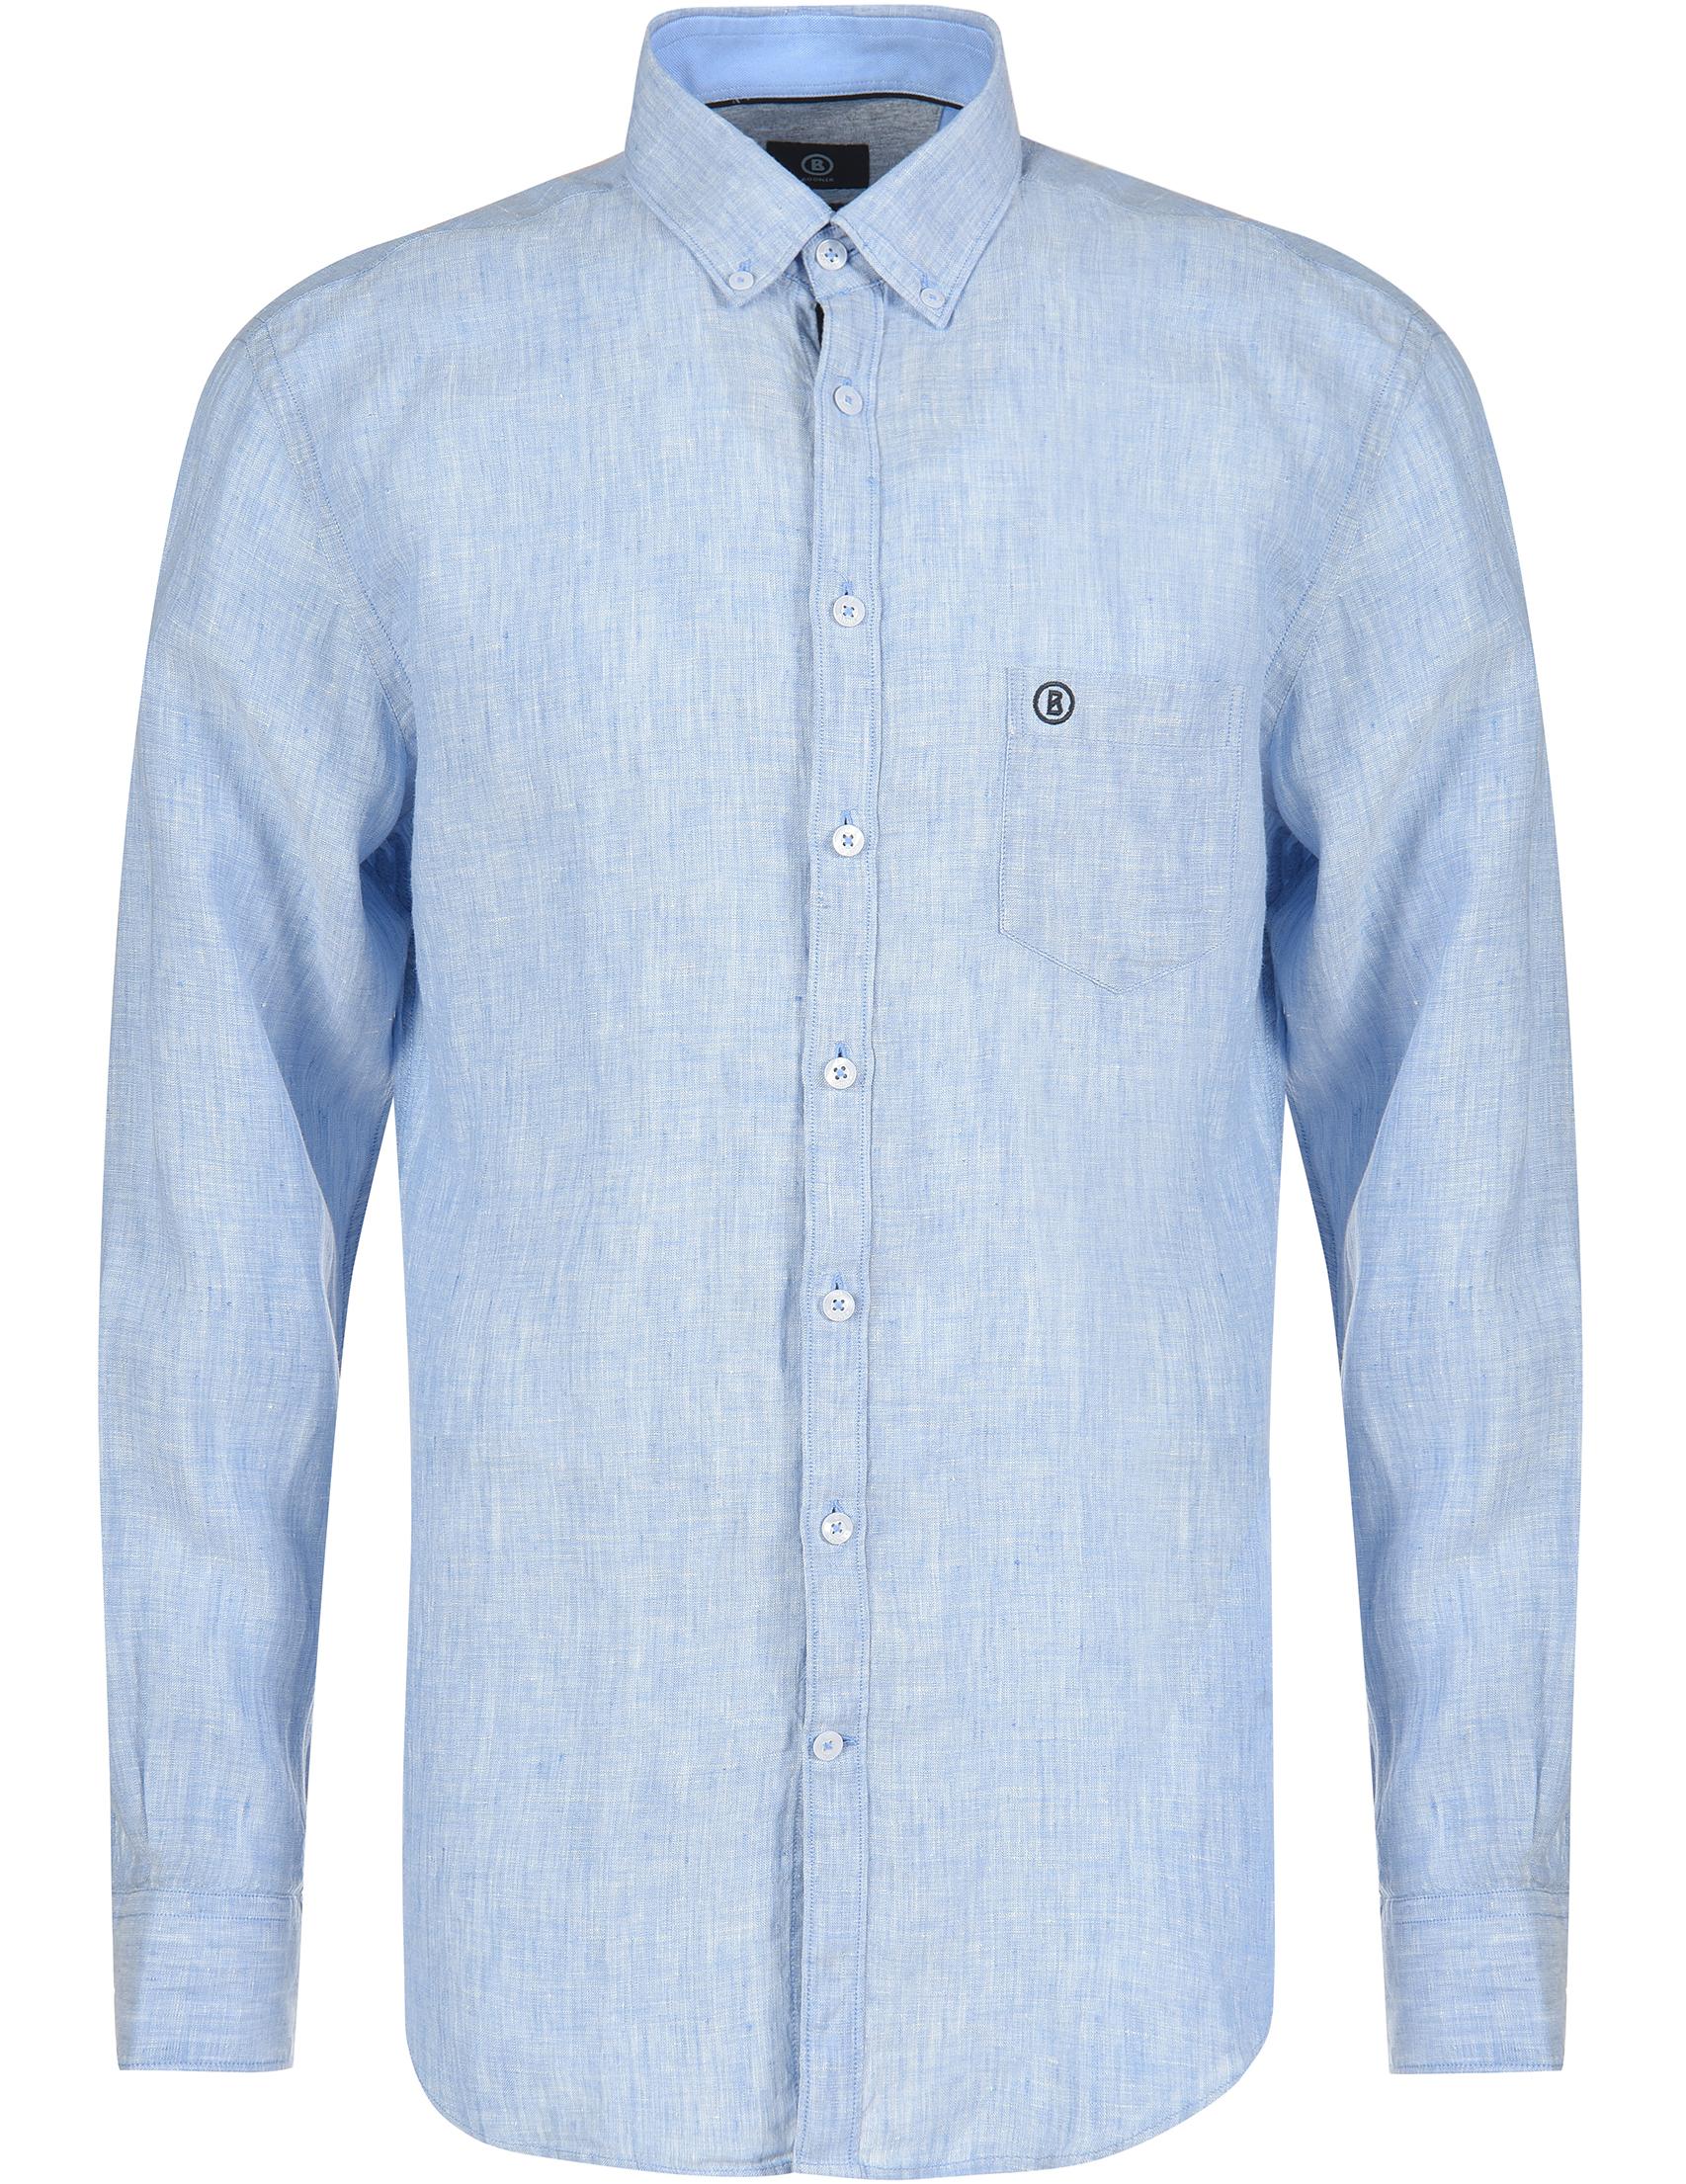 Рубашки, Рубашка, BOGNER, Голубой, 100%Лен, Весна-Лето  - купить со скидкой